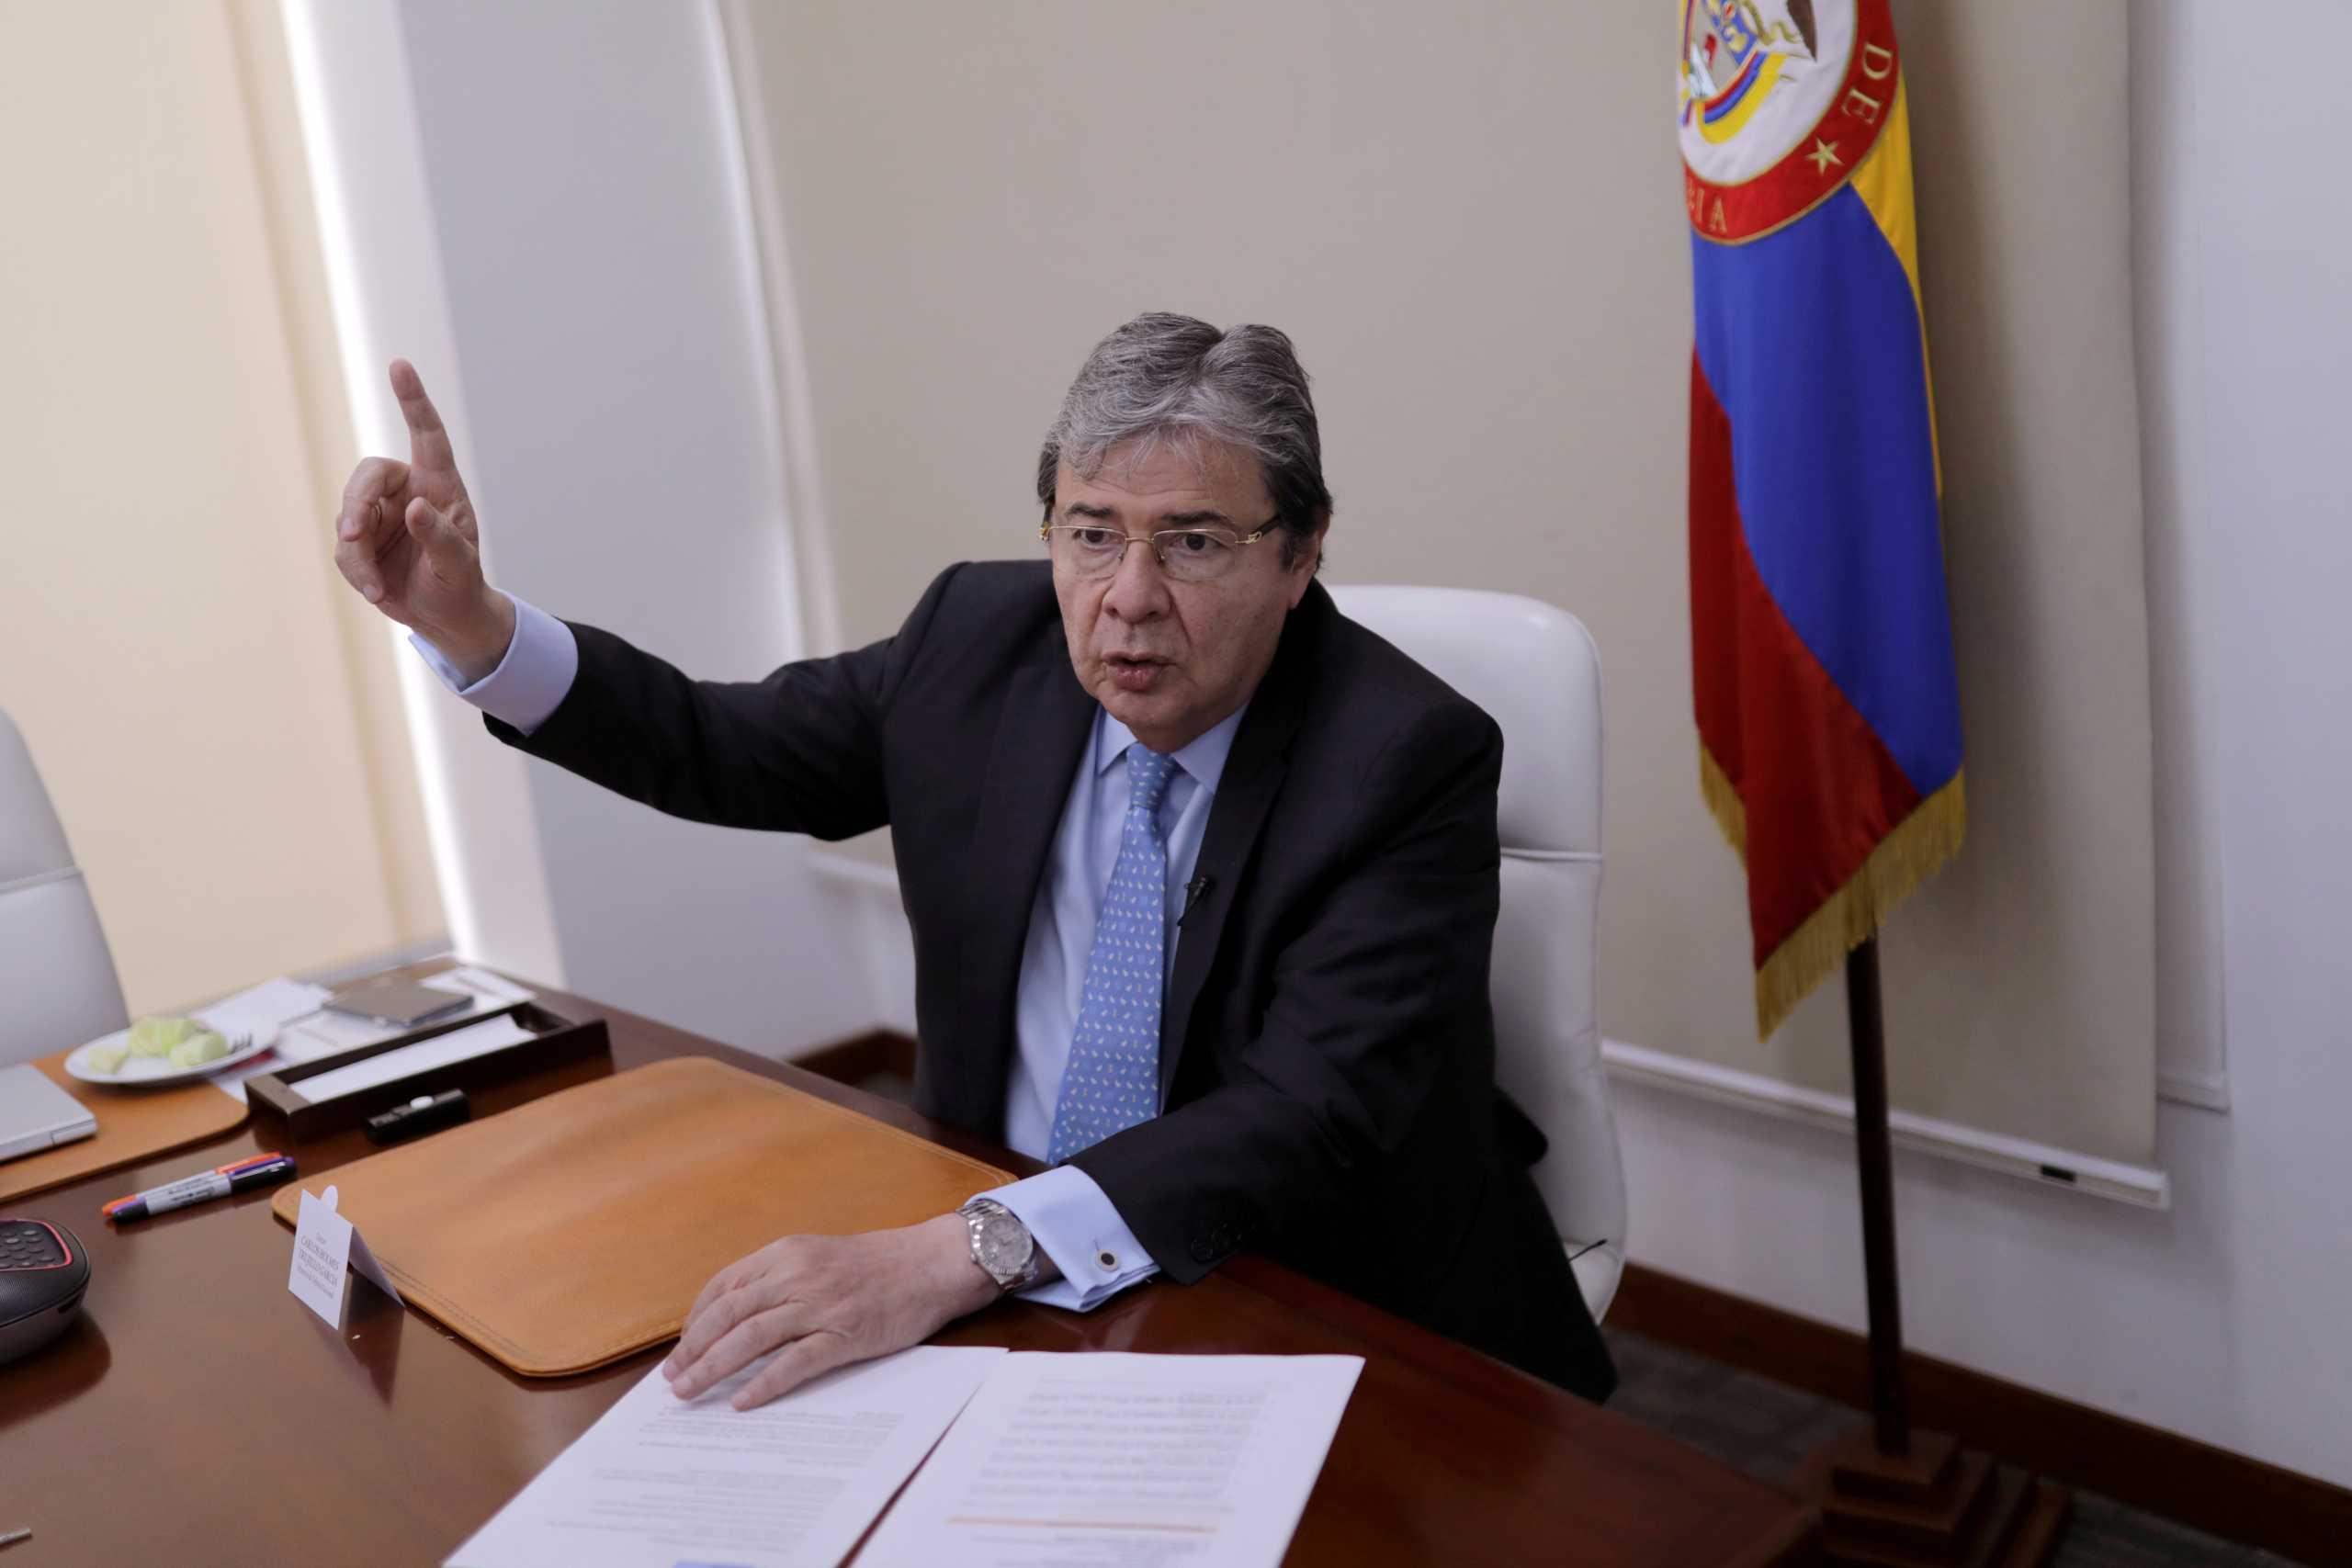 Κολομβία: Πέθανε από κορονοϊό ο υπουργός Άμυνας